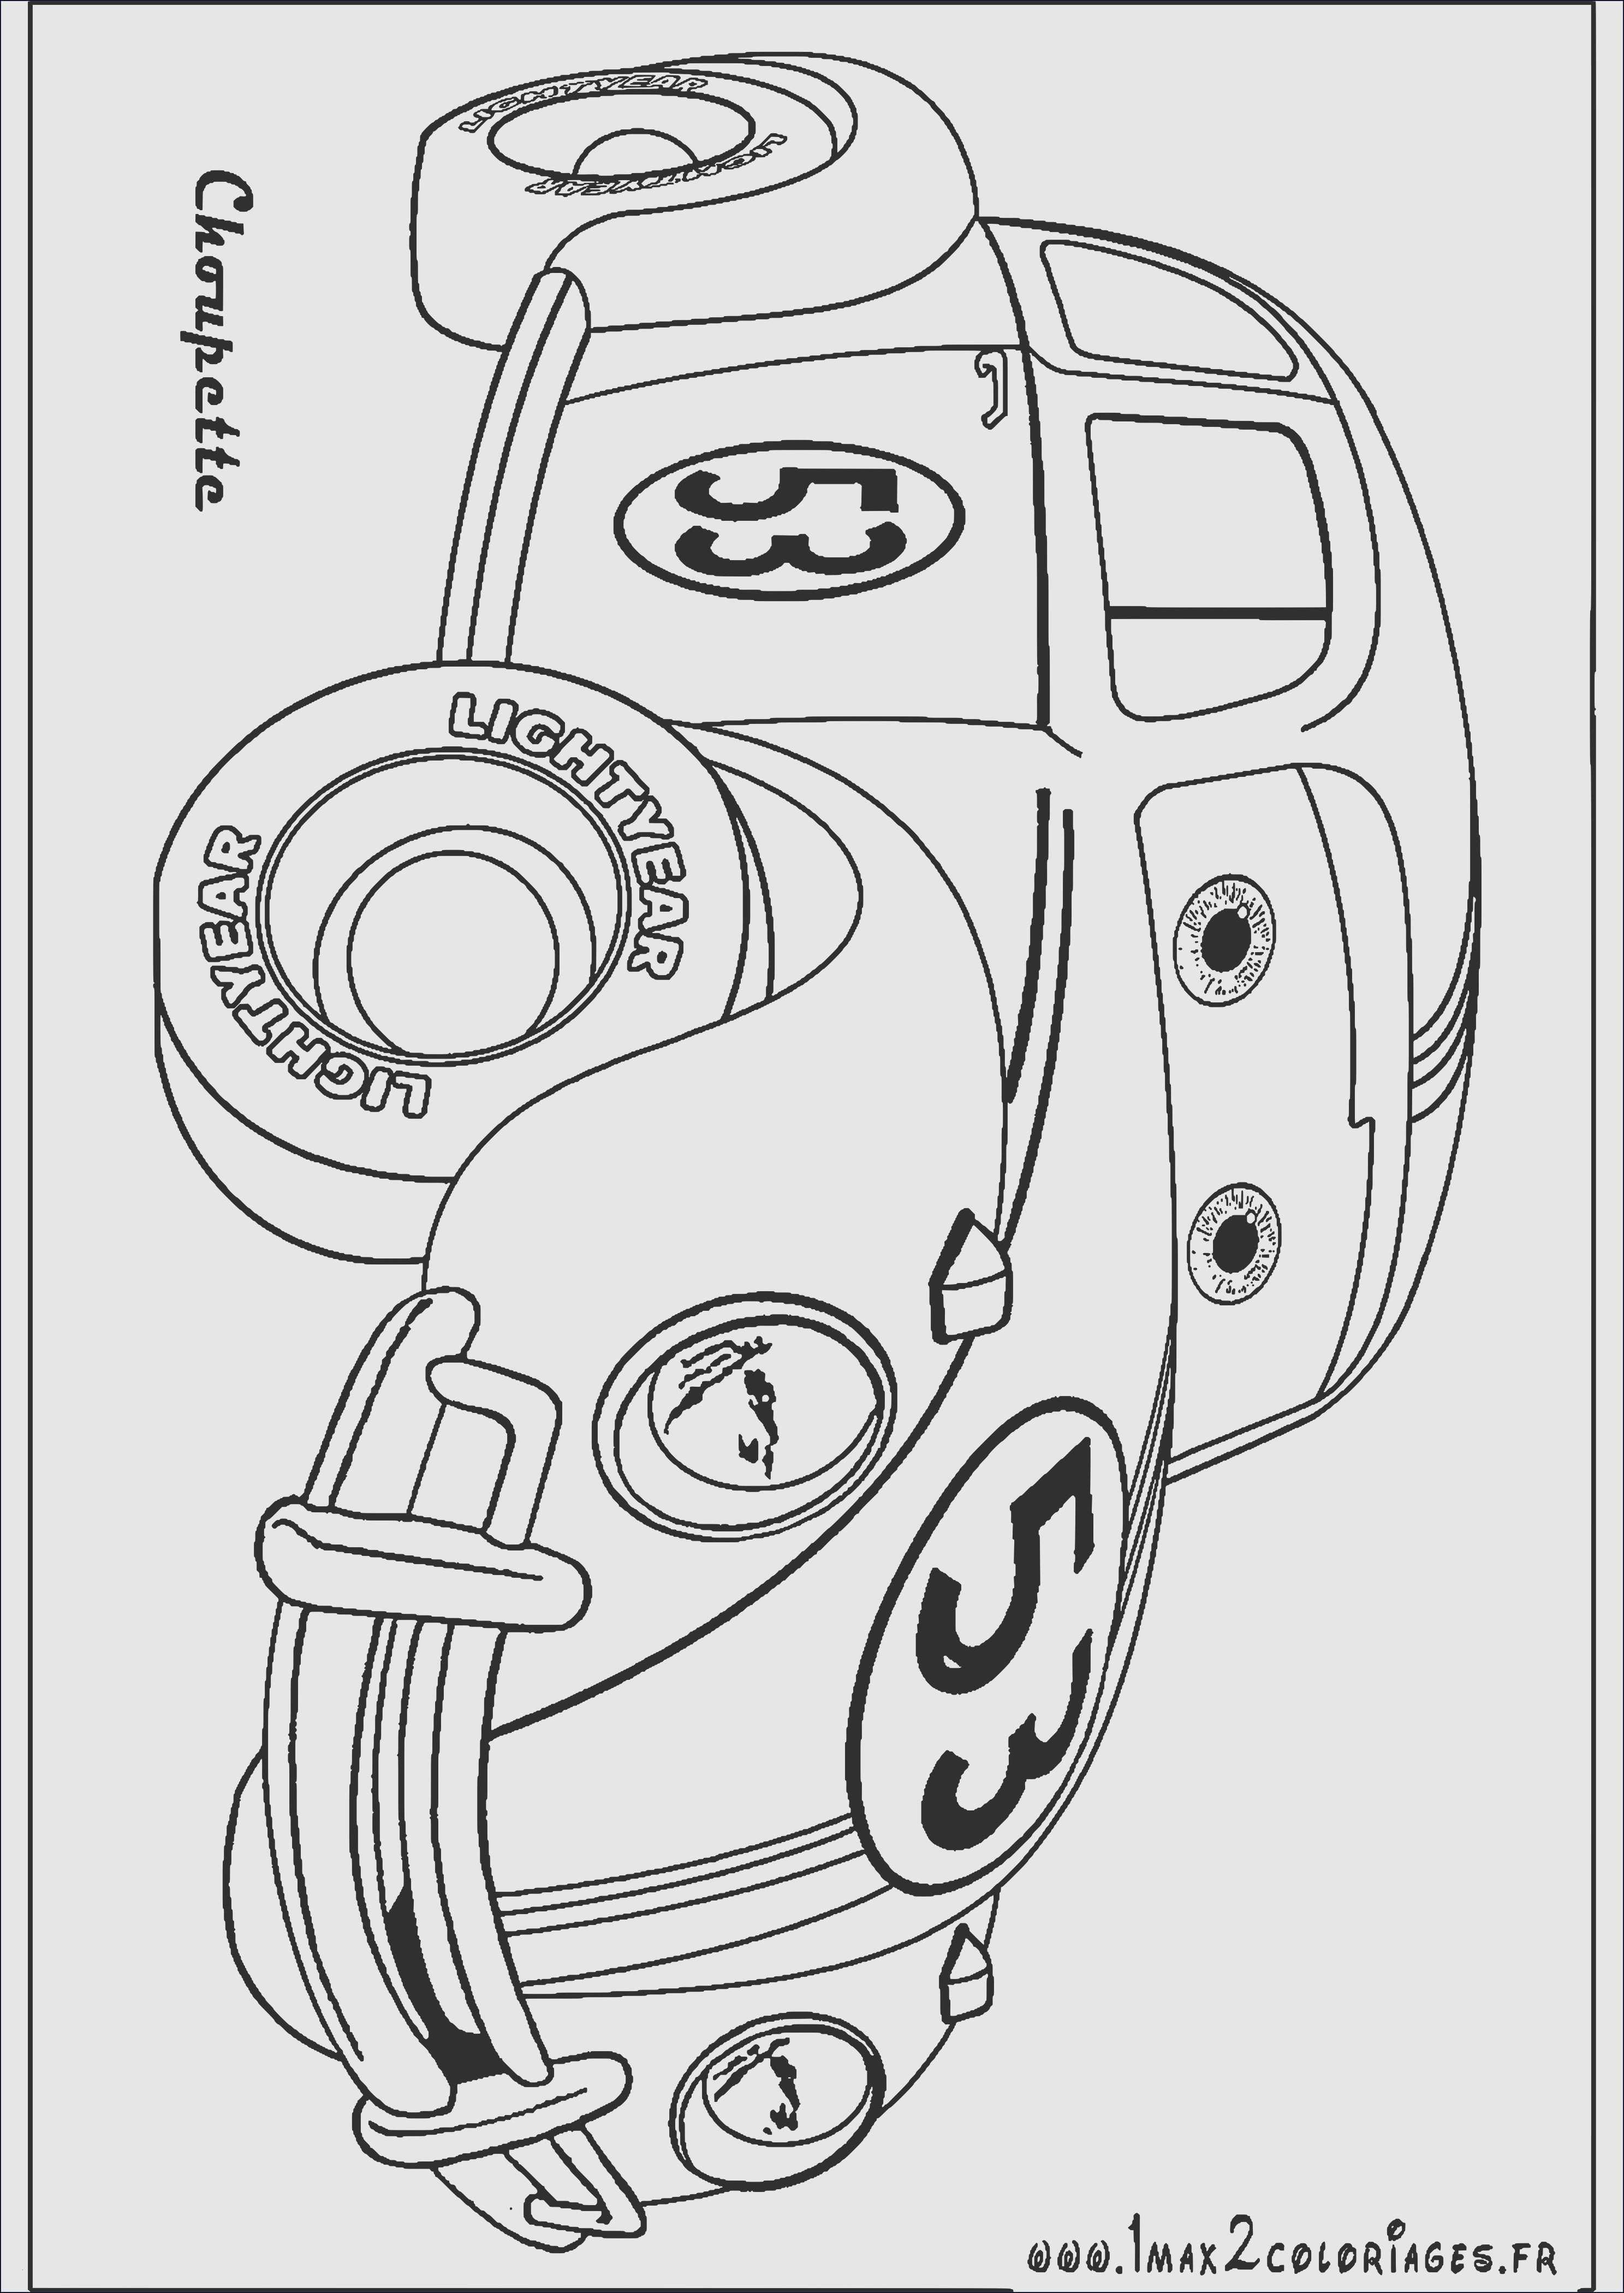 Auto Ausmalbilder Zum Ausdrucken Das Beste Von Bilder Zum Ausmalen Autos Galerie Malvorlagen Autos Zum Ausdrucken Sammlung